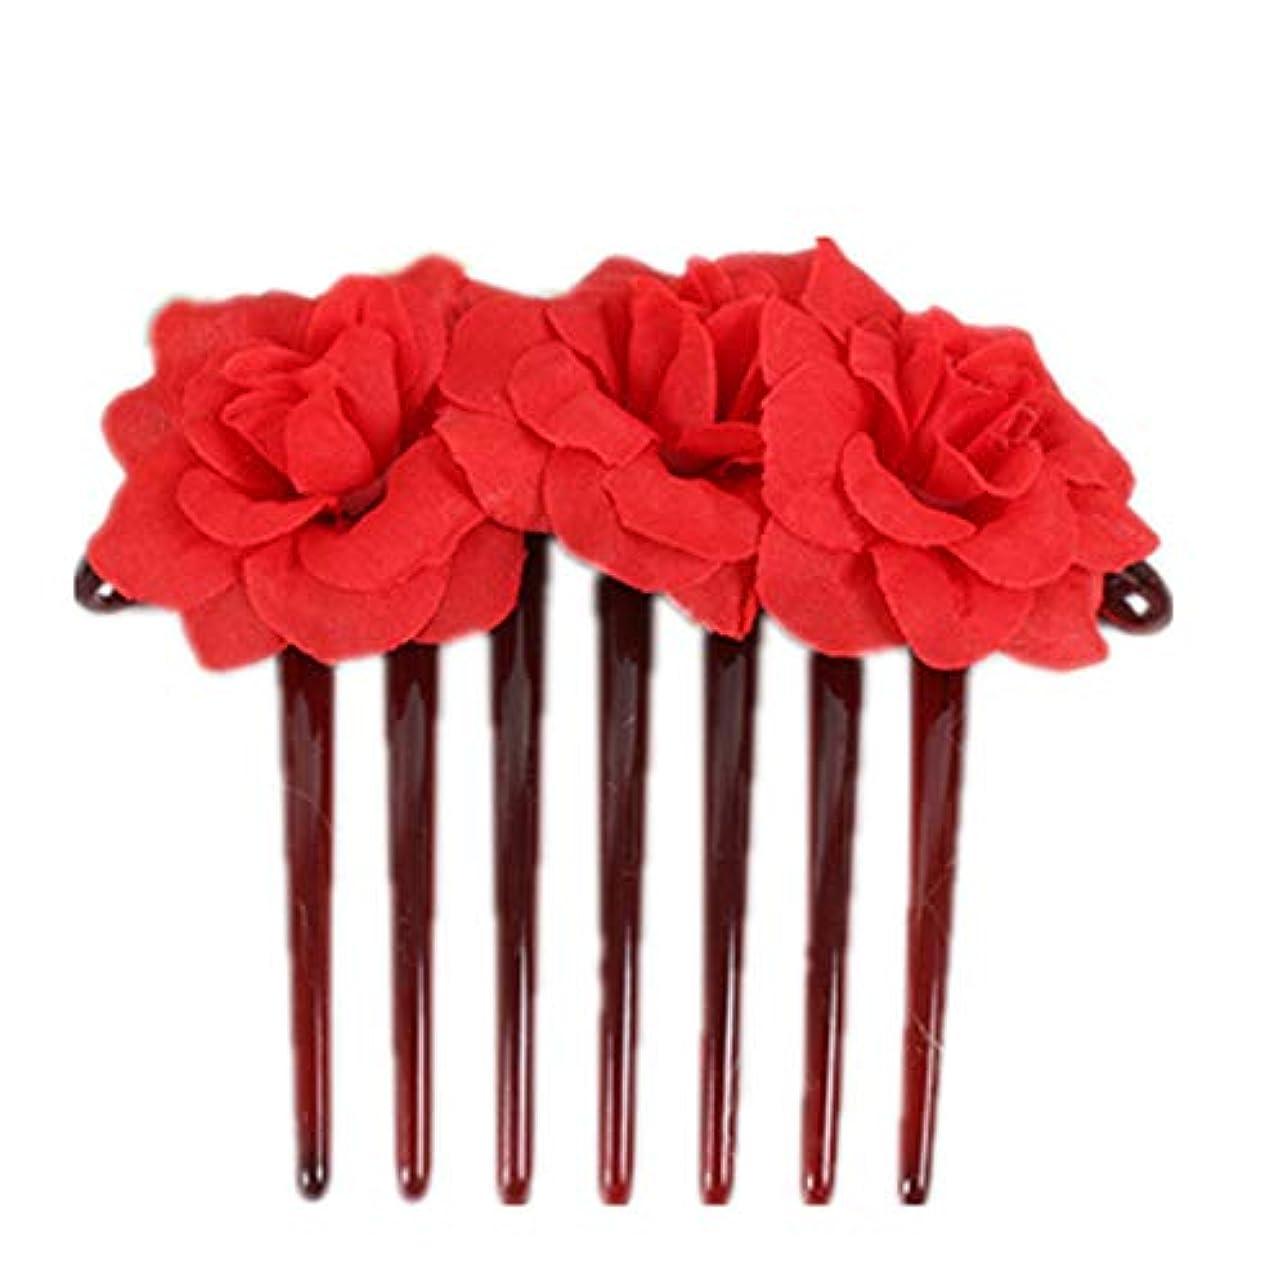 無数のウィザード船尾1st market プレミアム品質シミュレーション花花嫁の髪櫛頭飾りヘアピンクリップ櫛スタイリングアクセサリー、赤